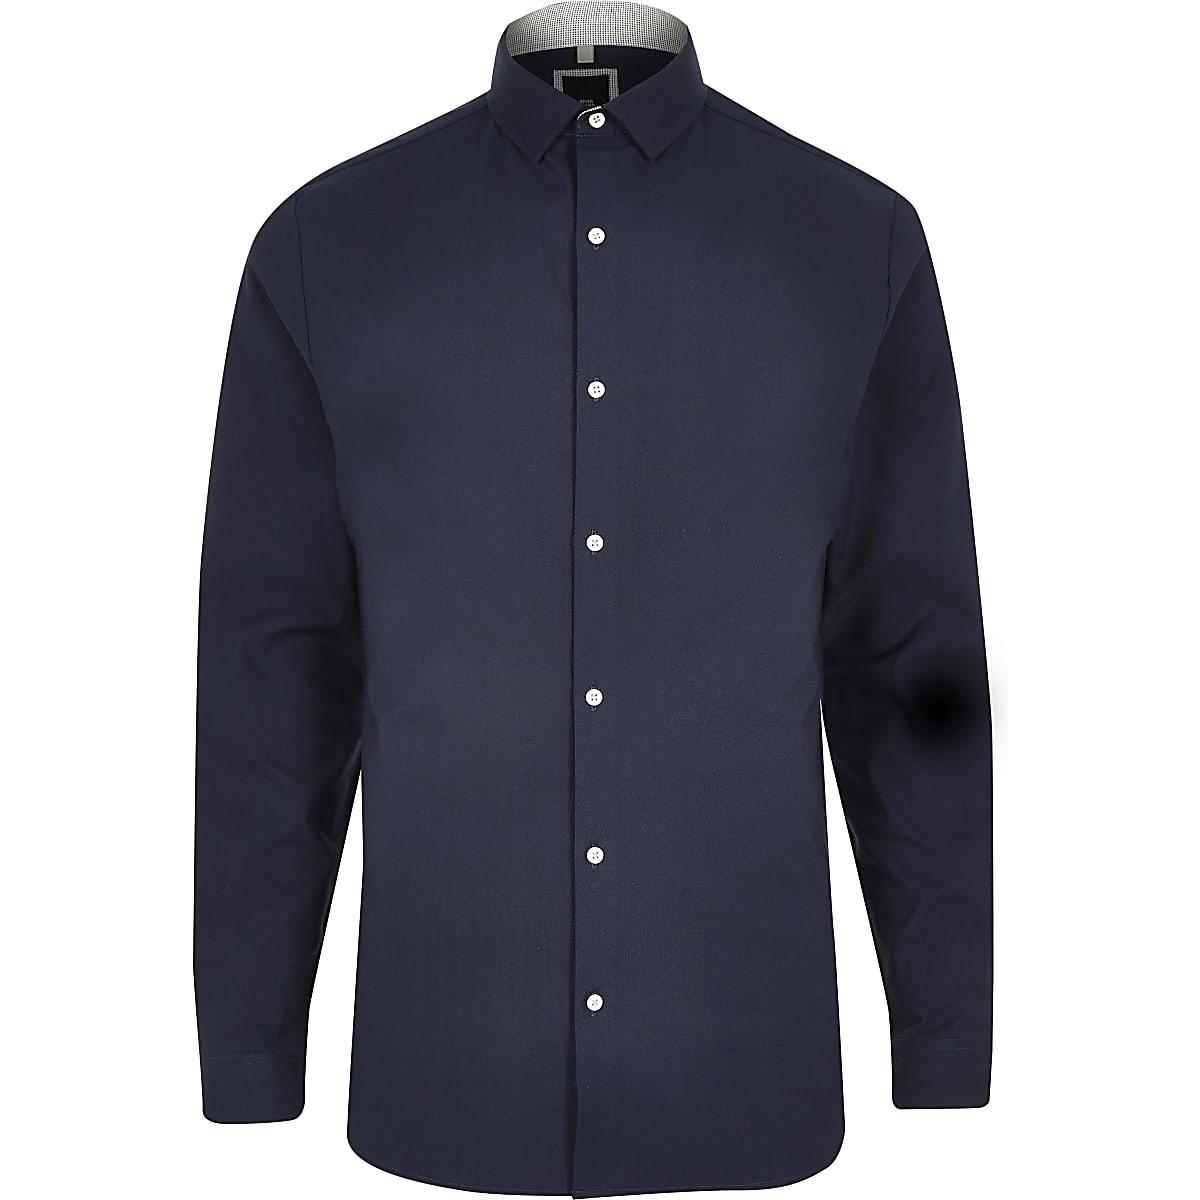 977c312e Navy smart texture stretch long sleeve shirt